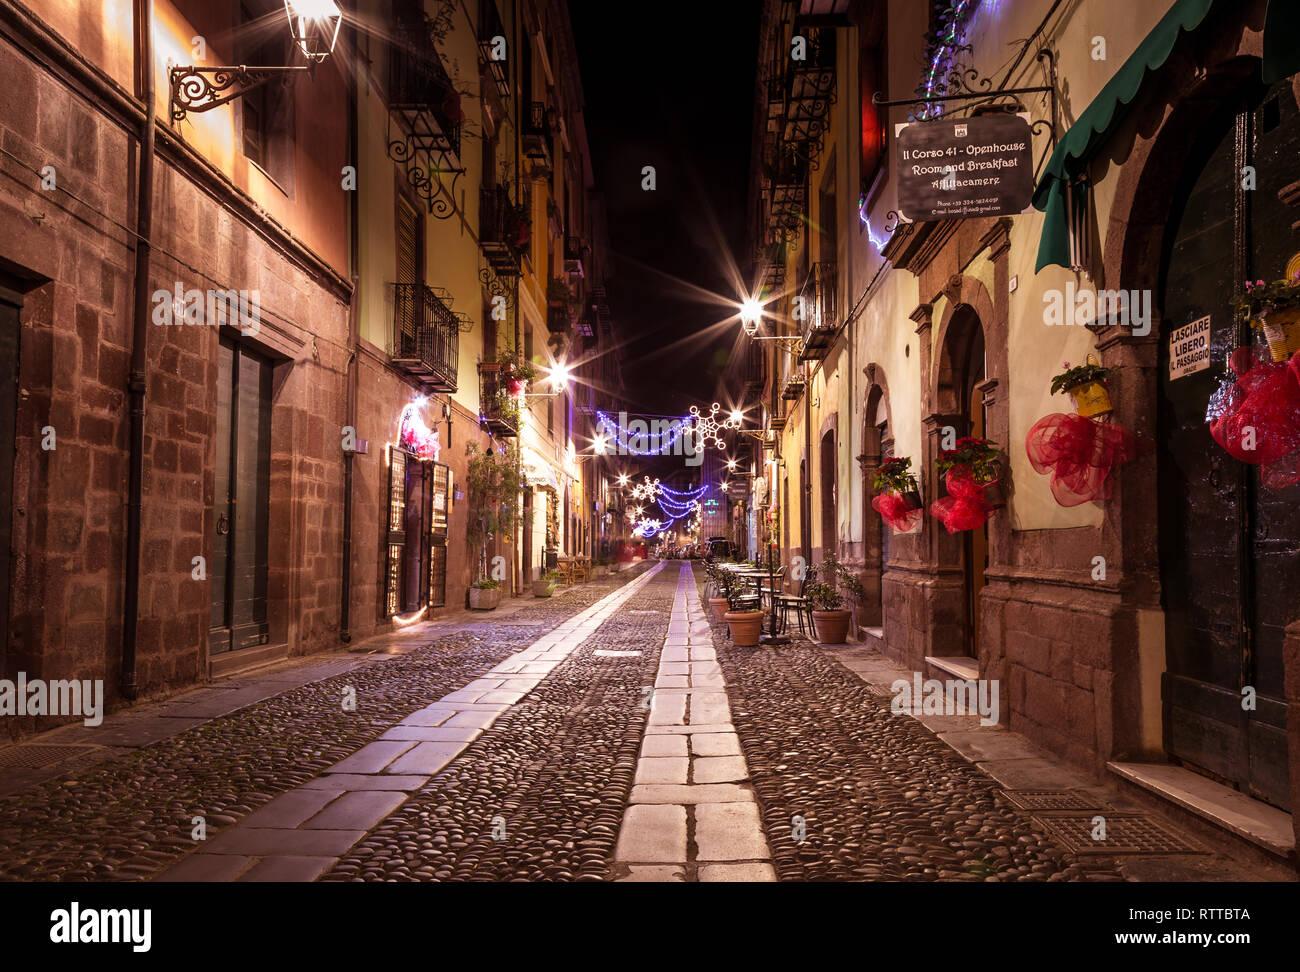 Bosa, isla Cerdeña Italia - 29 de diciembre de 2019: turista relajarse durante la noche en las antiguas calles de Bosa, Cerdeña, Italia Foto de stock